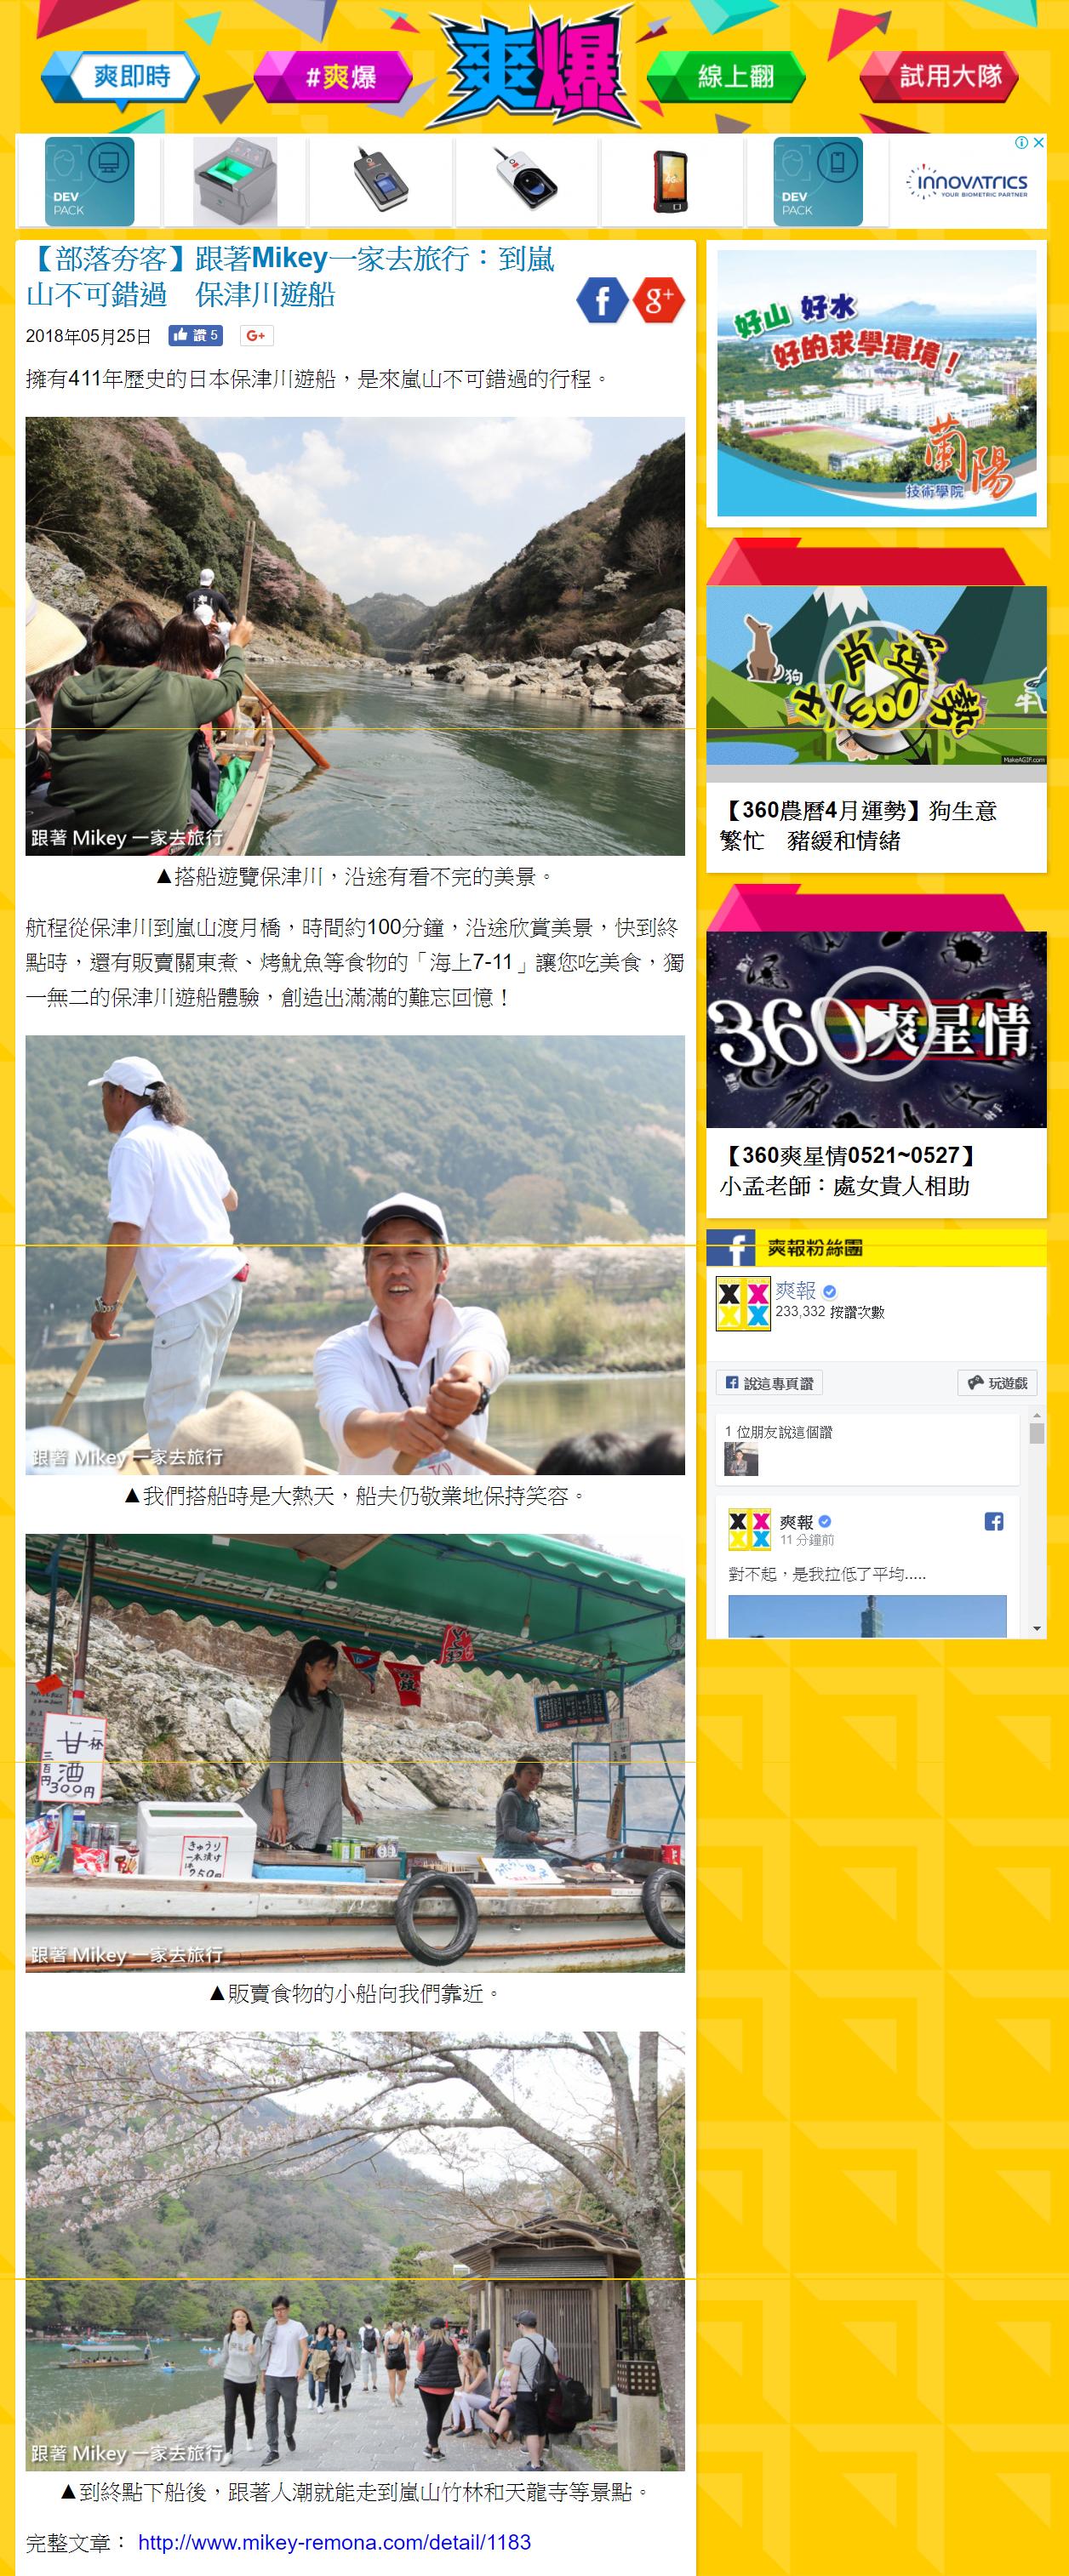 跟著 Mikey 一家去旅行 - 【 媒體露出 】爽報 - 部落夯客 - 『 到嵐山不可錯過 保津川遊船 』